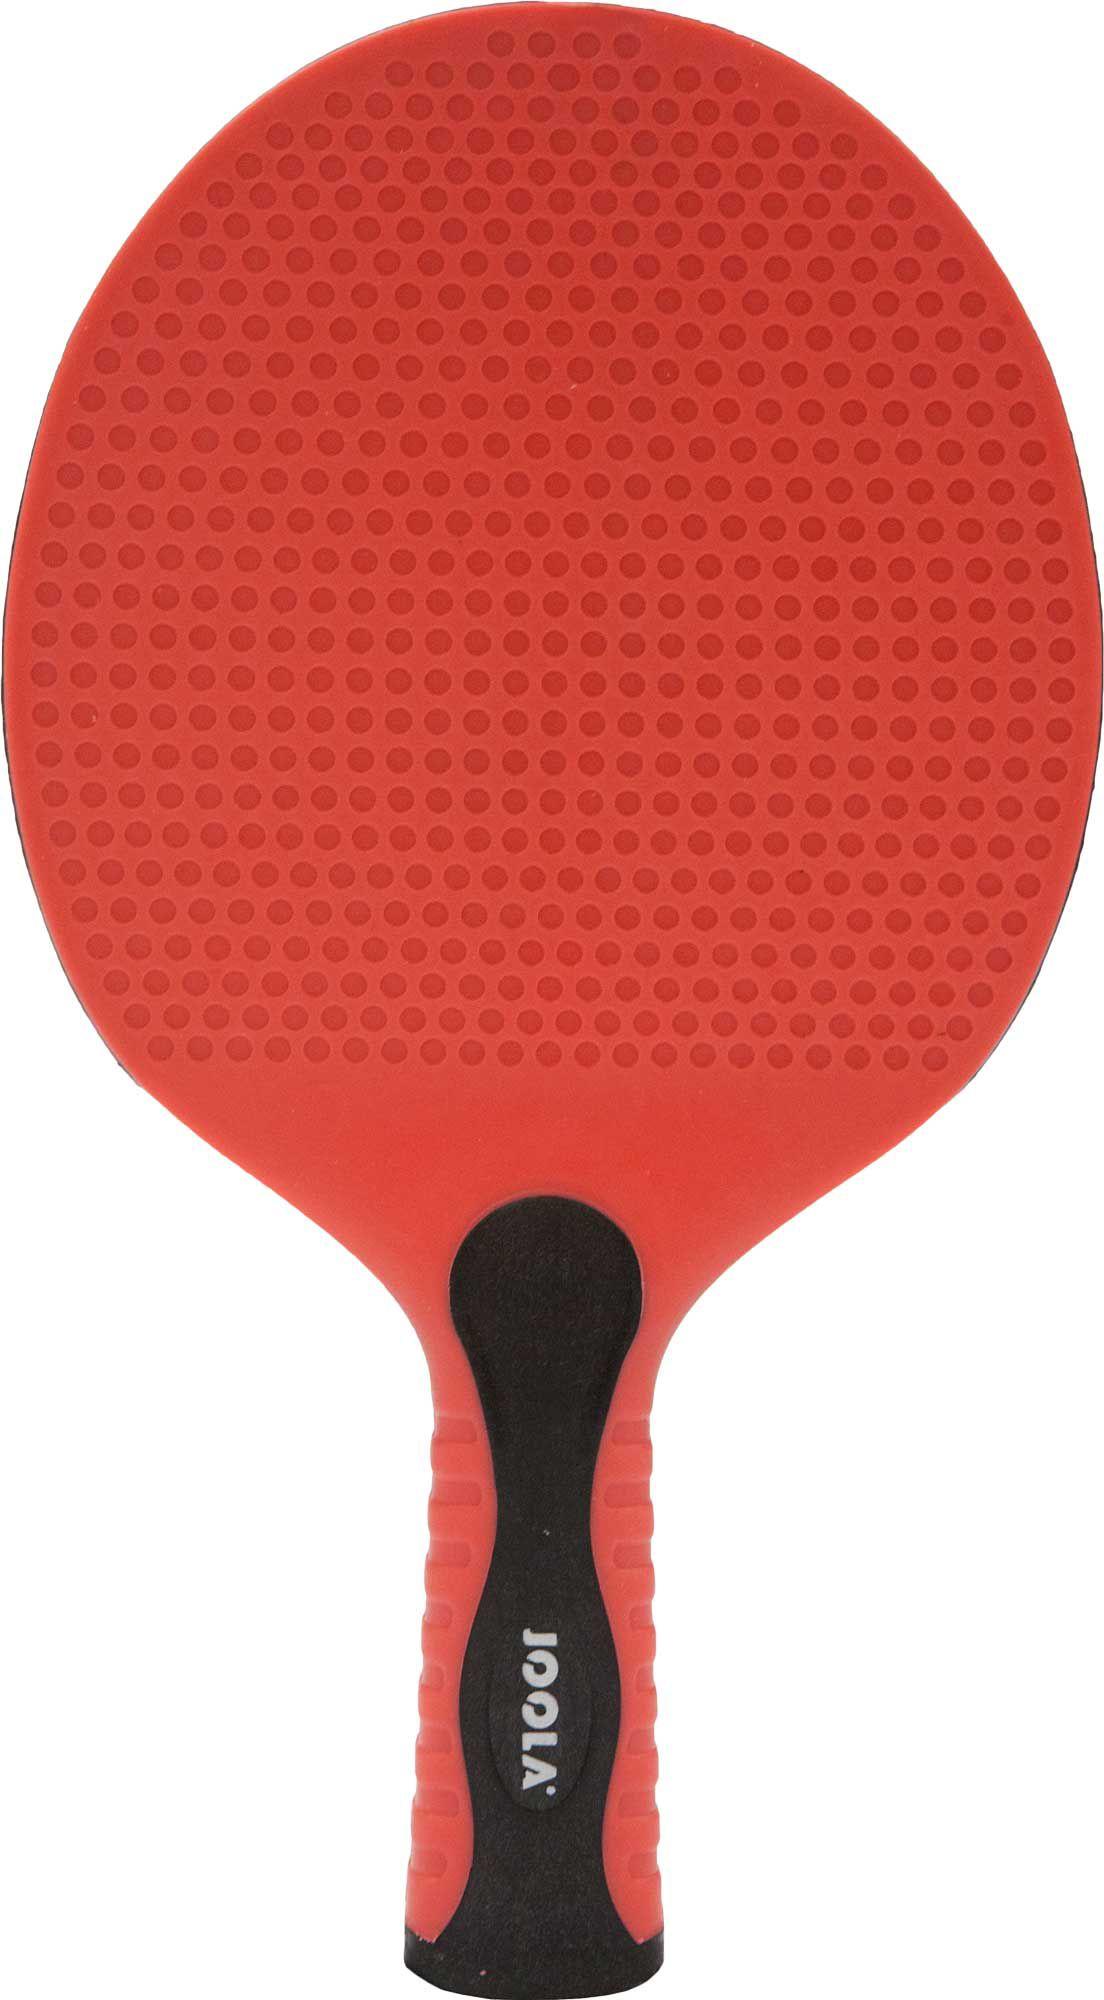 Sport Squad JOOLA Linus Indoor/Outdoor Racket